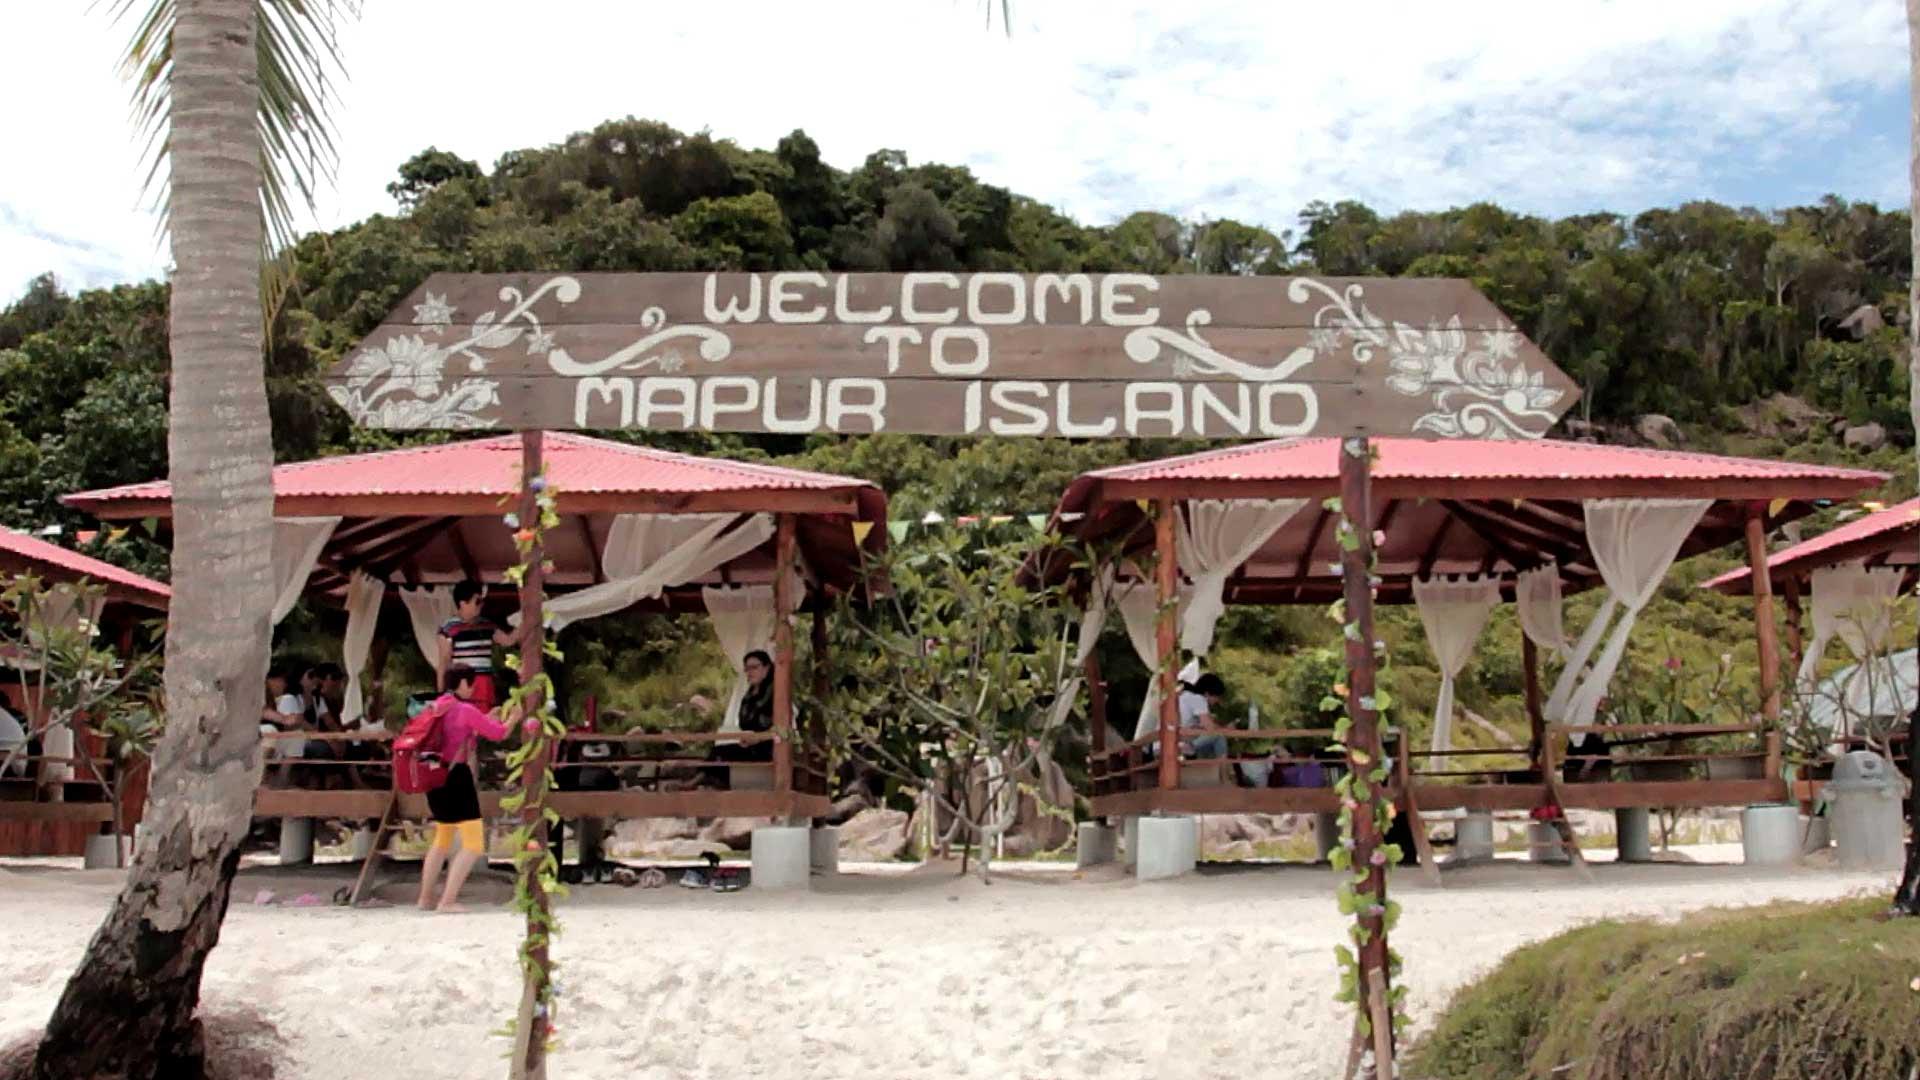 Wisata Menarik Di Pulau Mapur